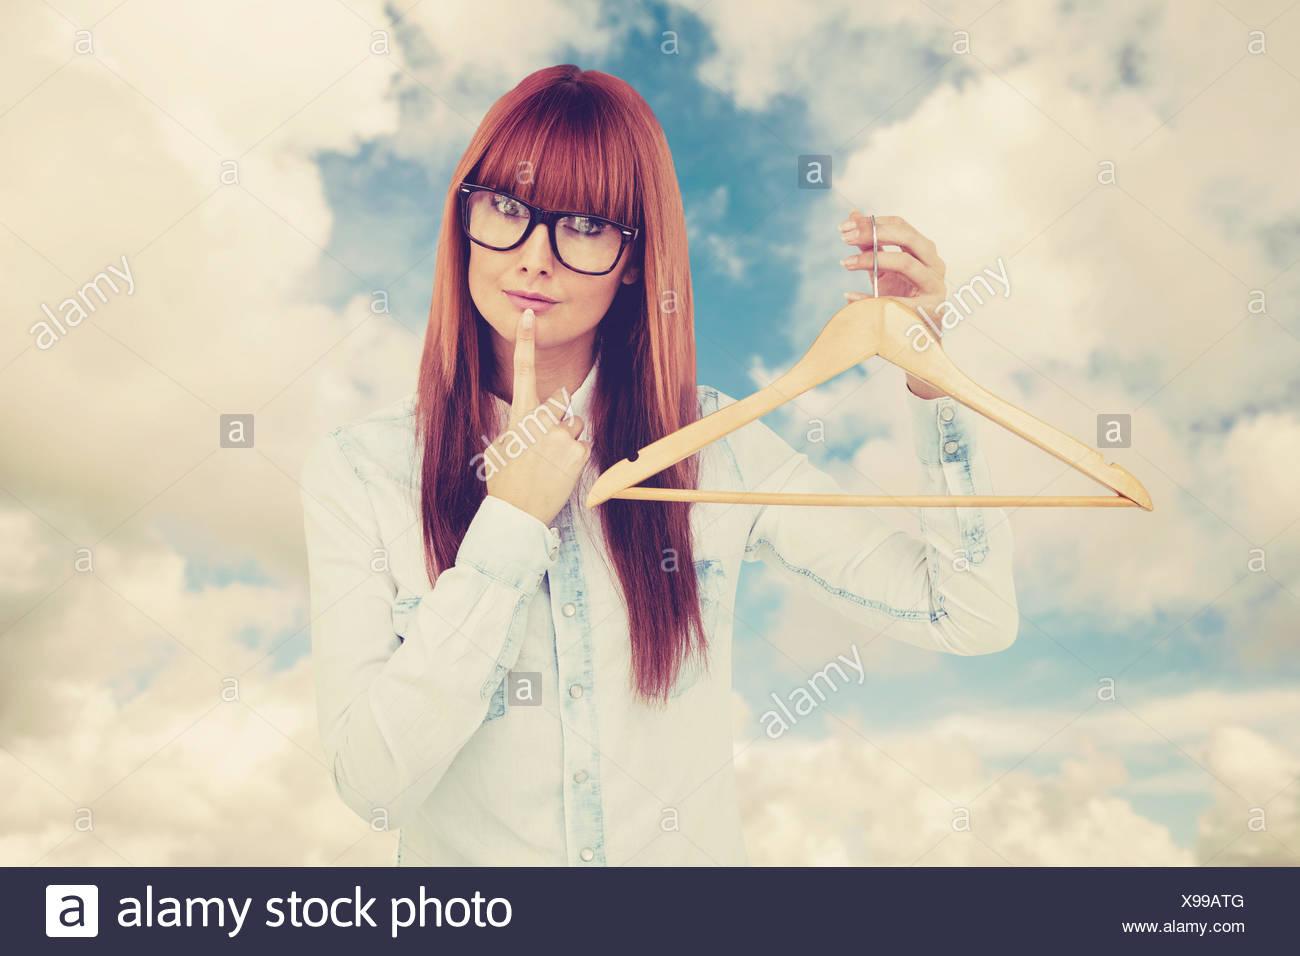 Imagen compuesta de sonriente hipster mujer sosteniendo un perchero Foto de stock